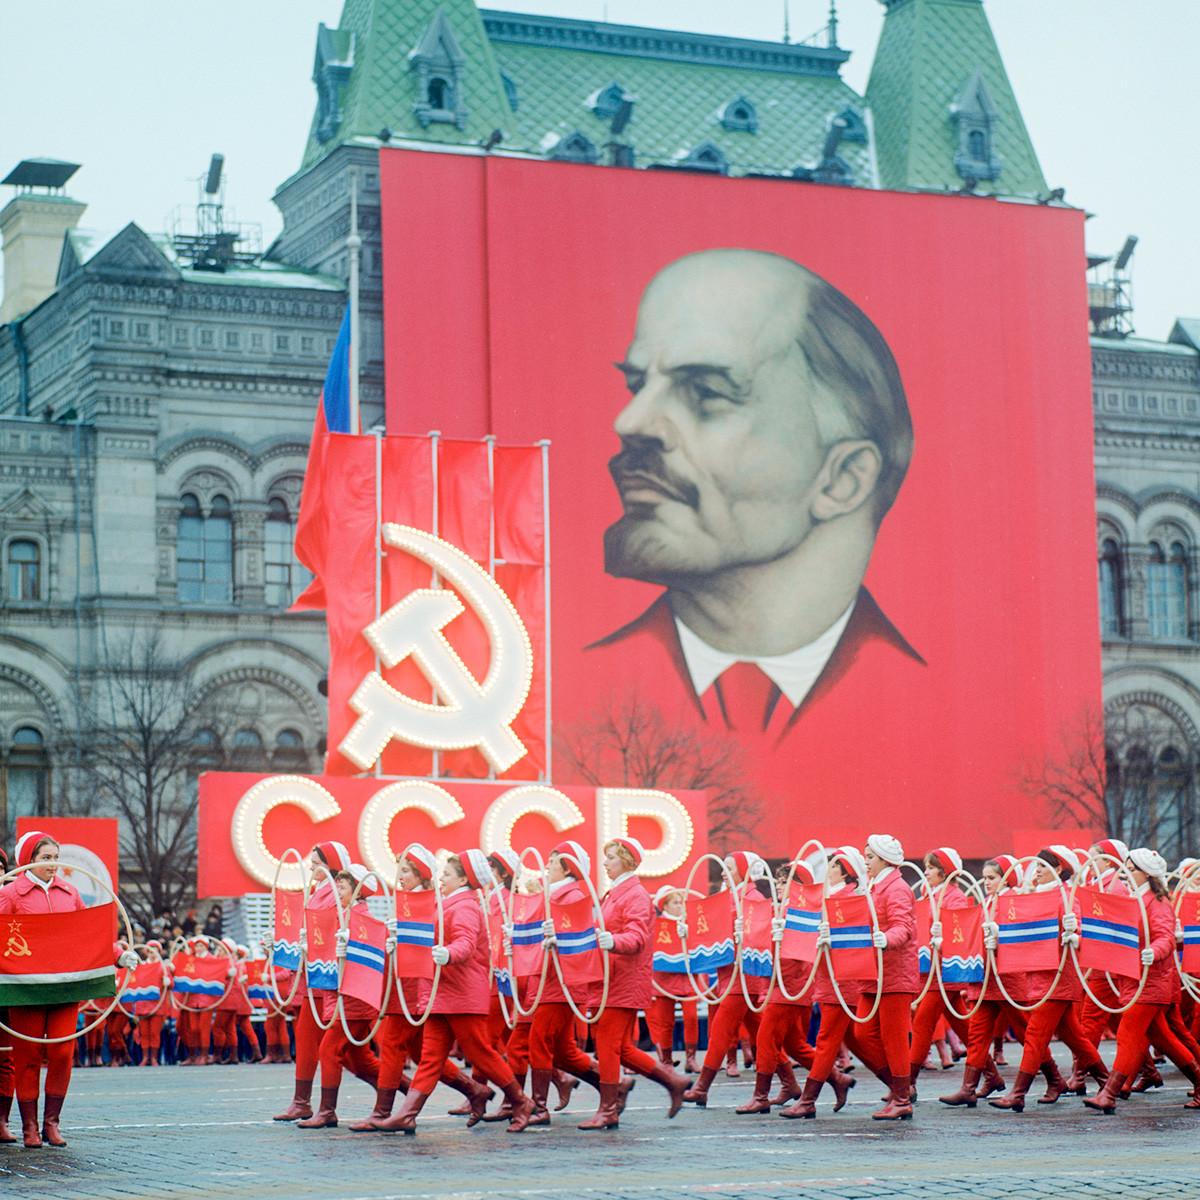 Proslava ob 55. obletnici velike oktobrske socialistične revolucije